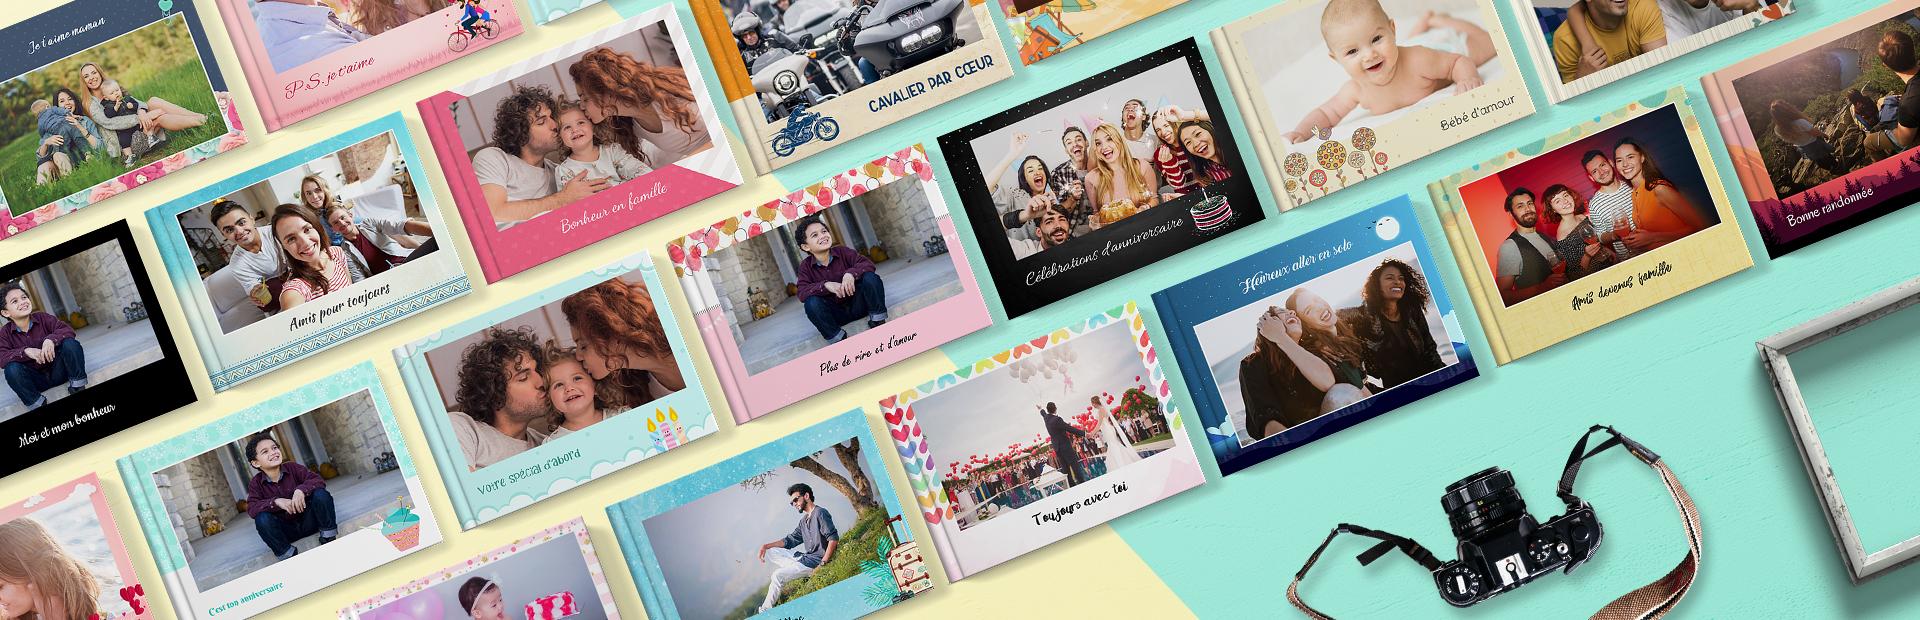 Impression de livres photo personnalisés en ligne - Picsy